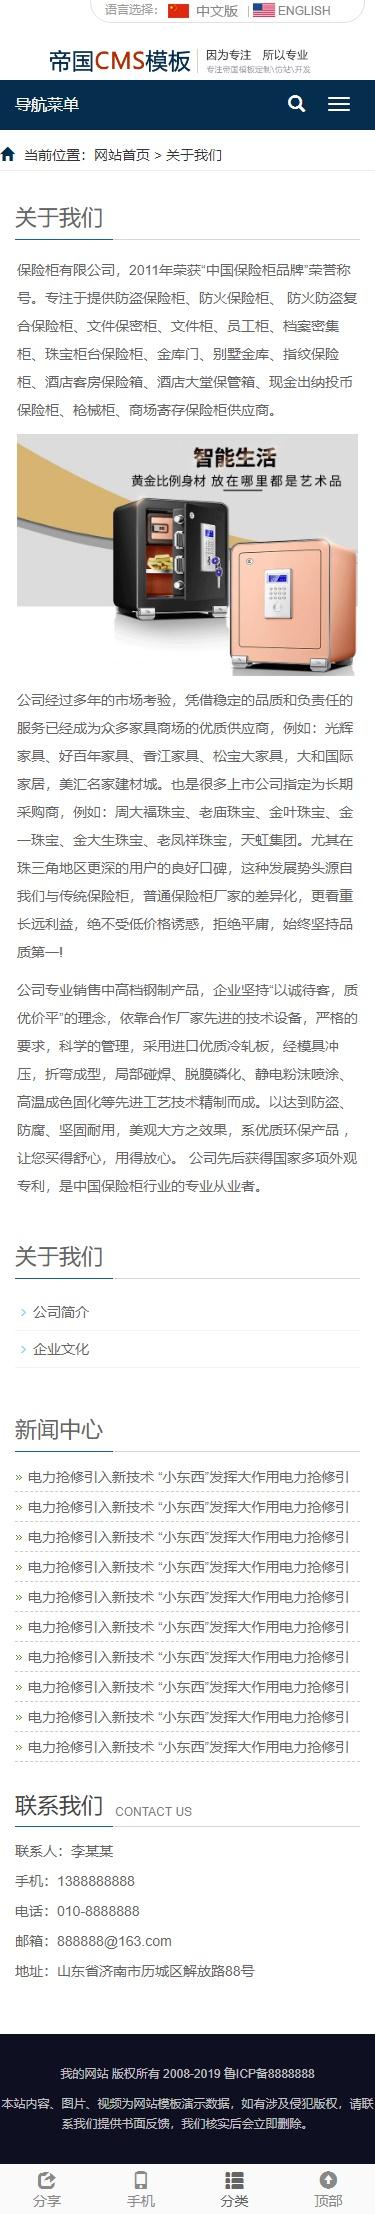 响应式自适应手机帝国cms中英文外贸企业网站模板_手机版单页